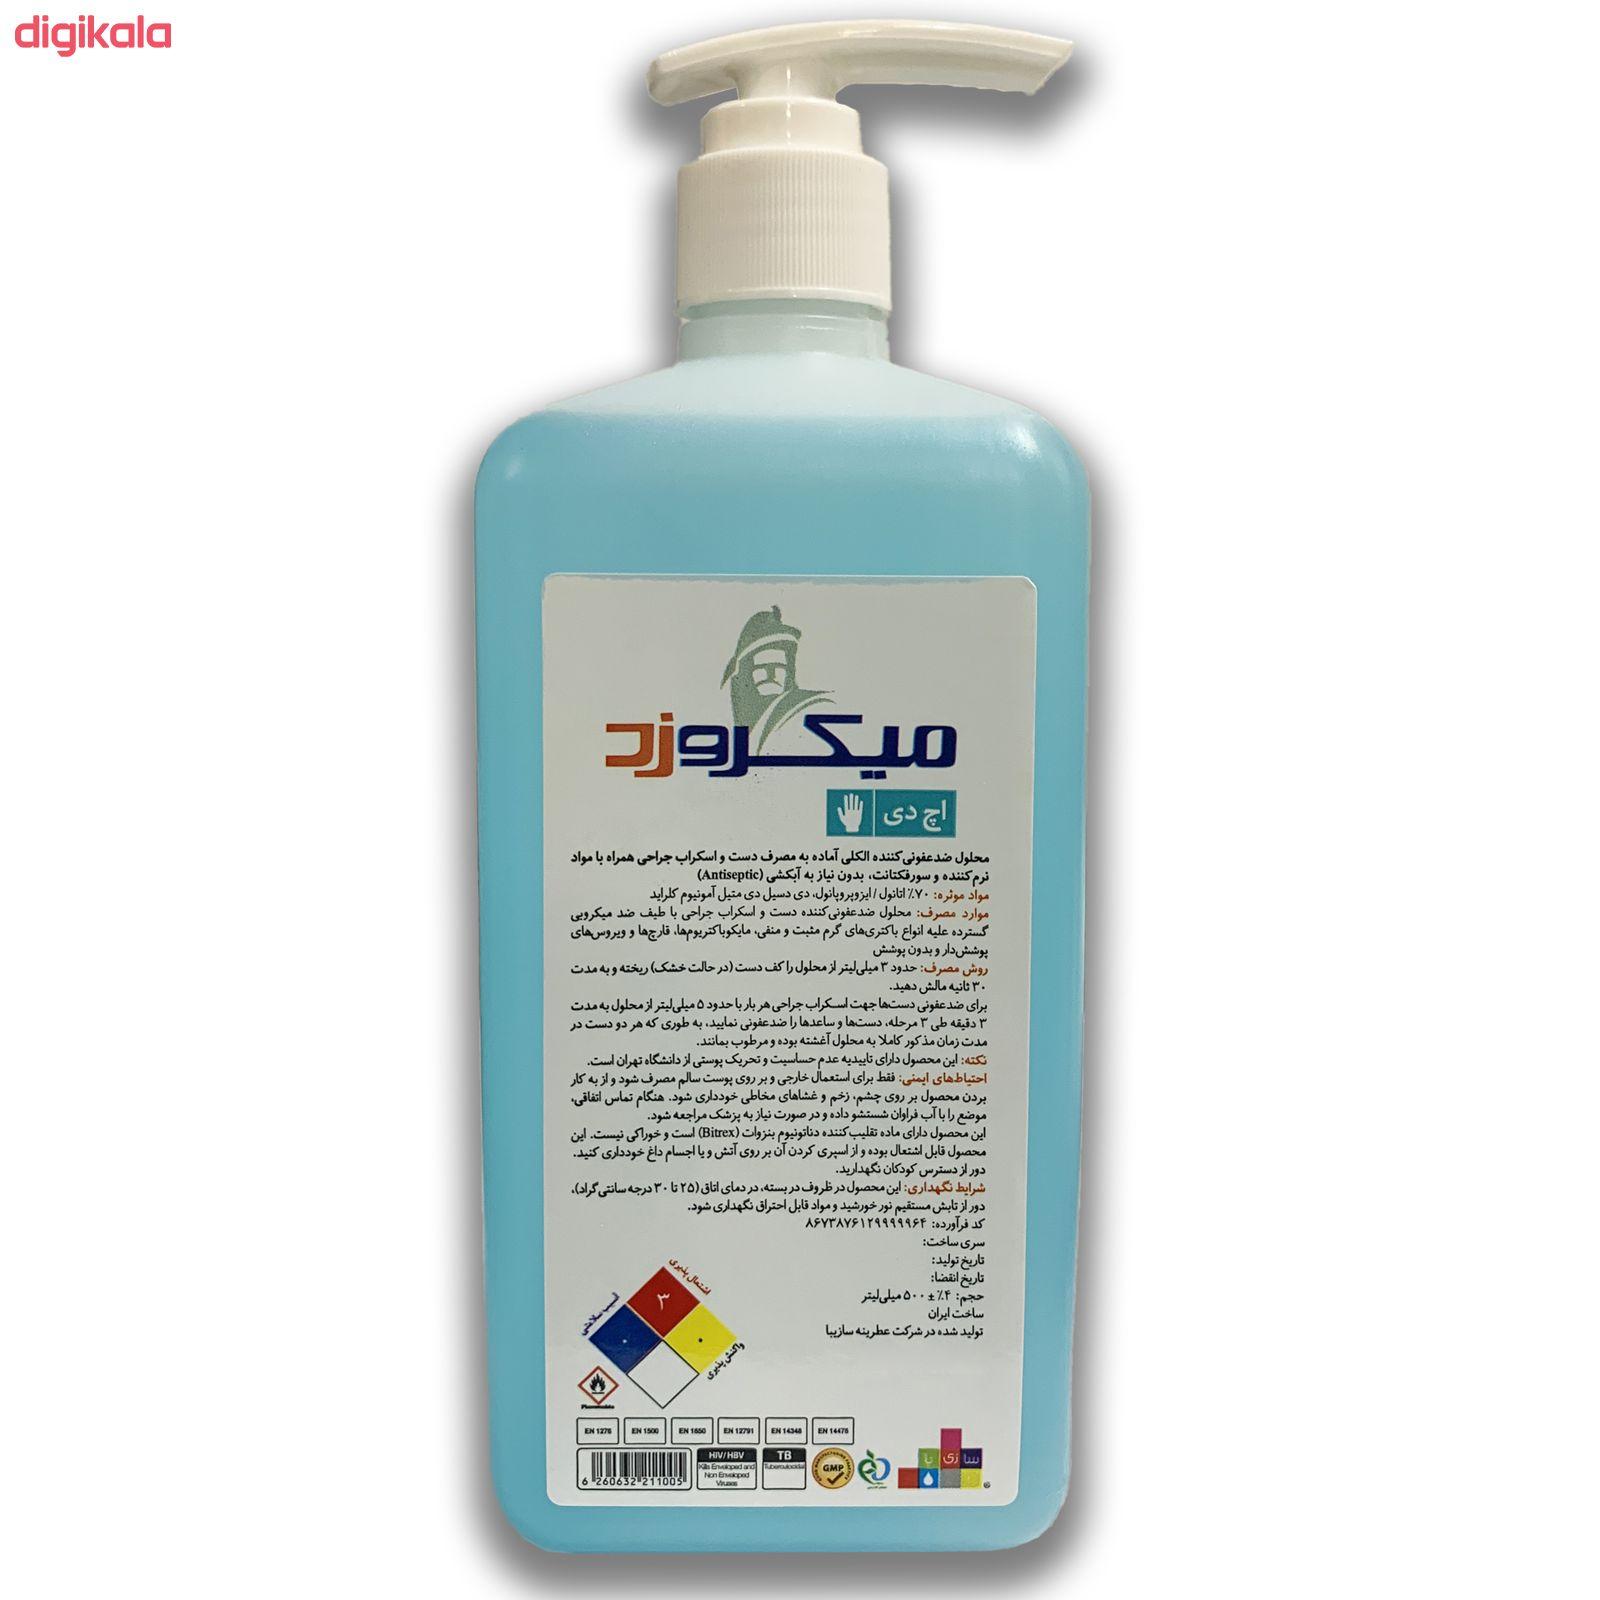 محلول ضدعفونی کننده دست میکروزد سری 1HD حجم 500 میلیلیتر main 1 1